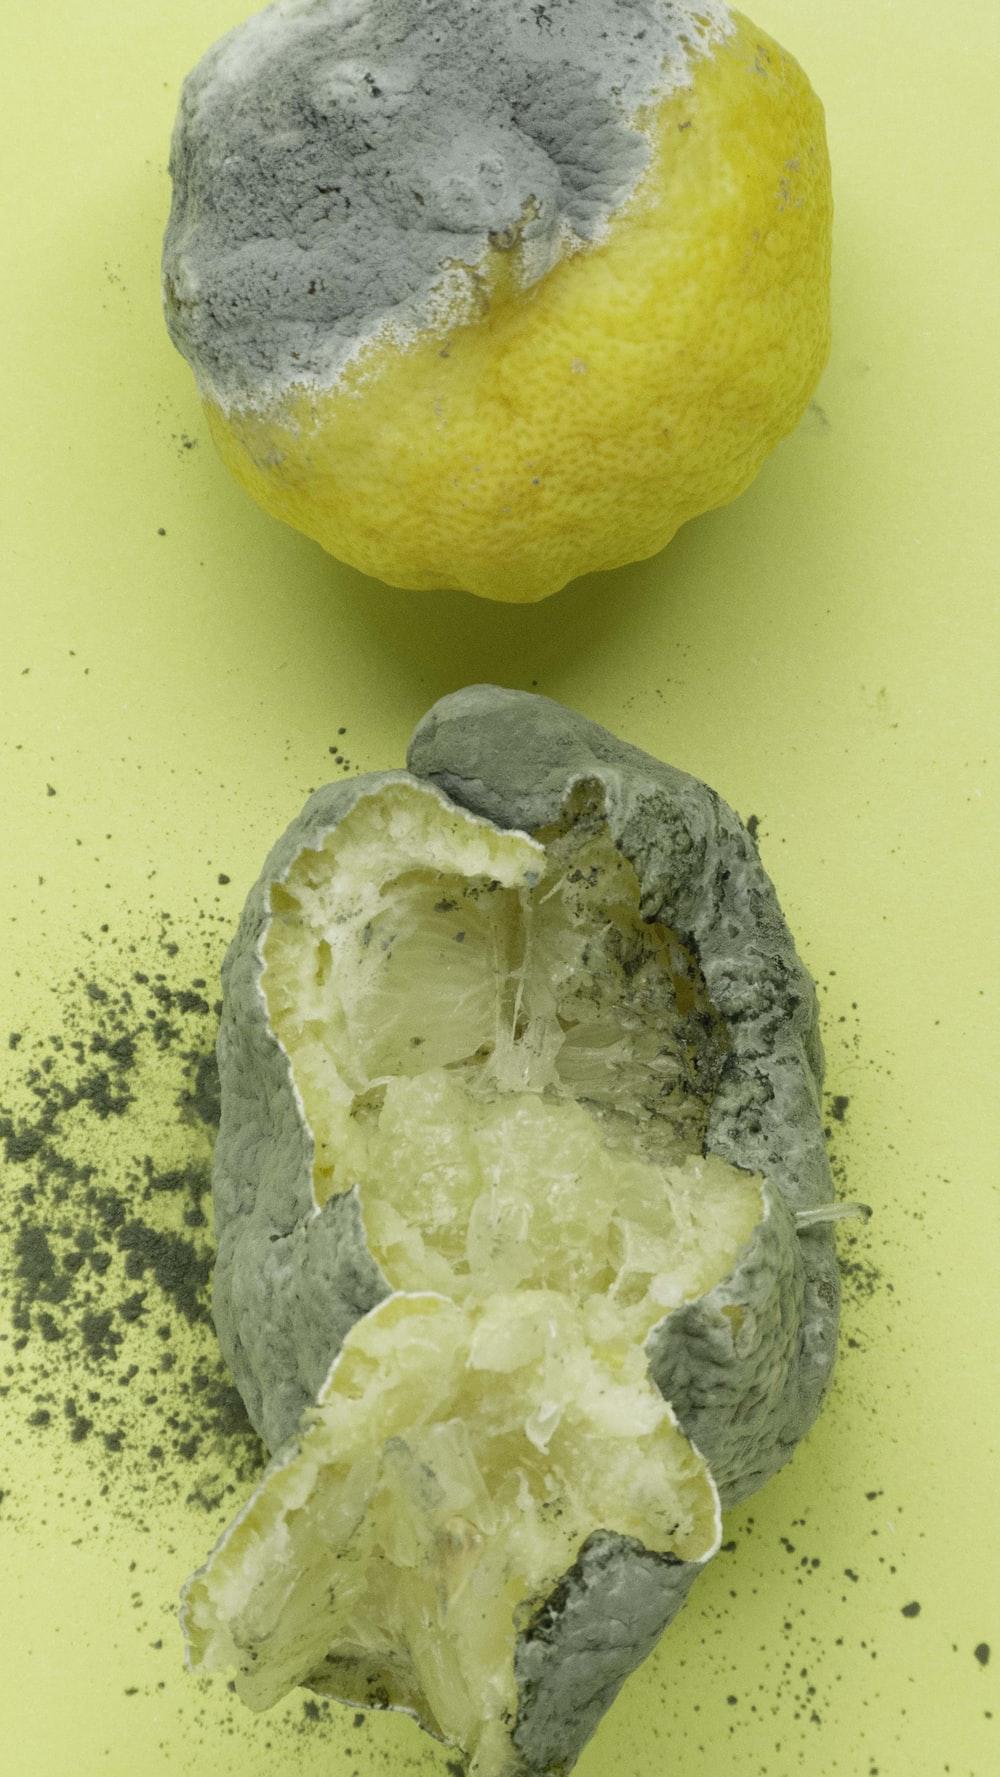 yellow lemon on white table